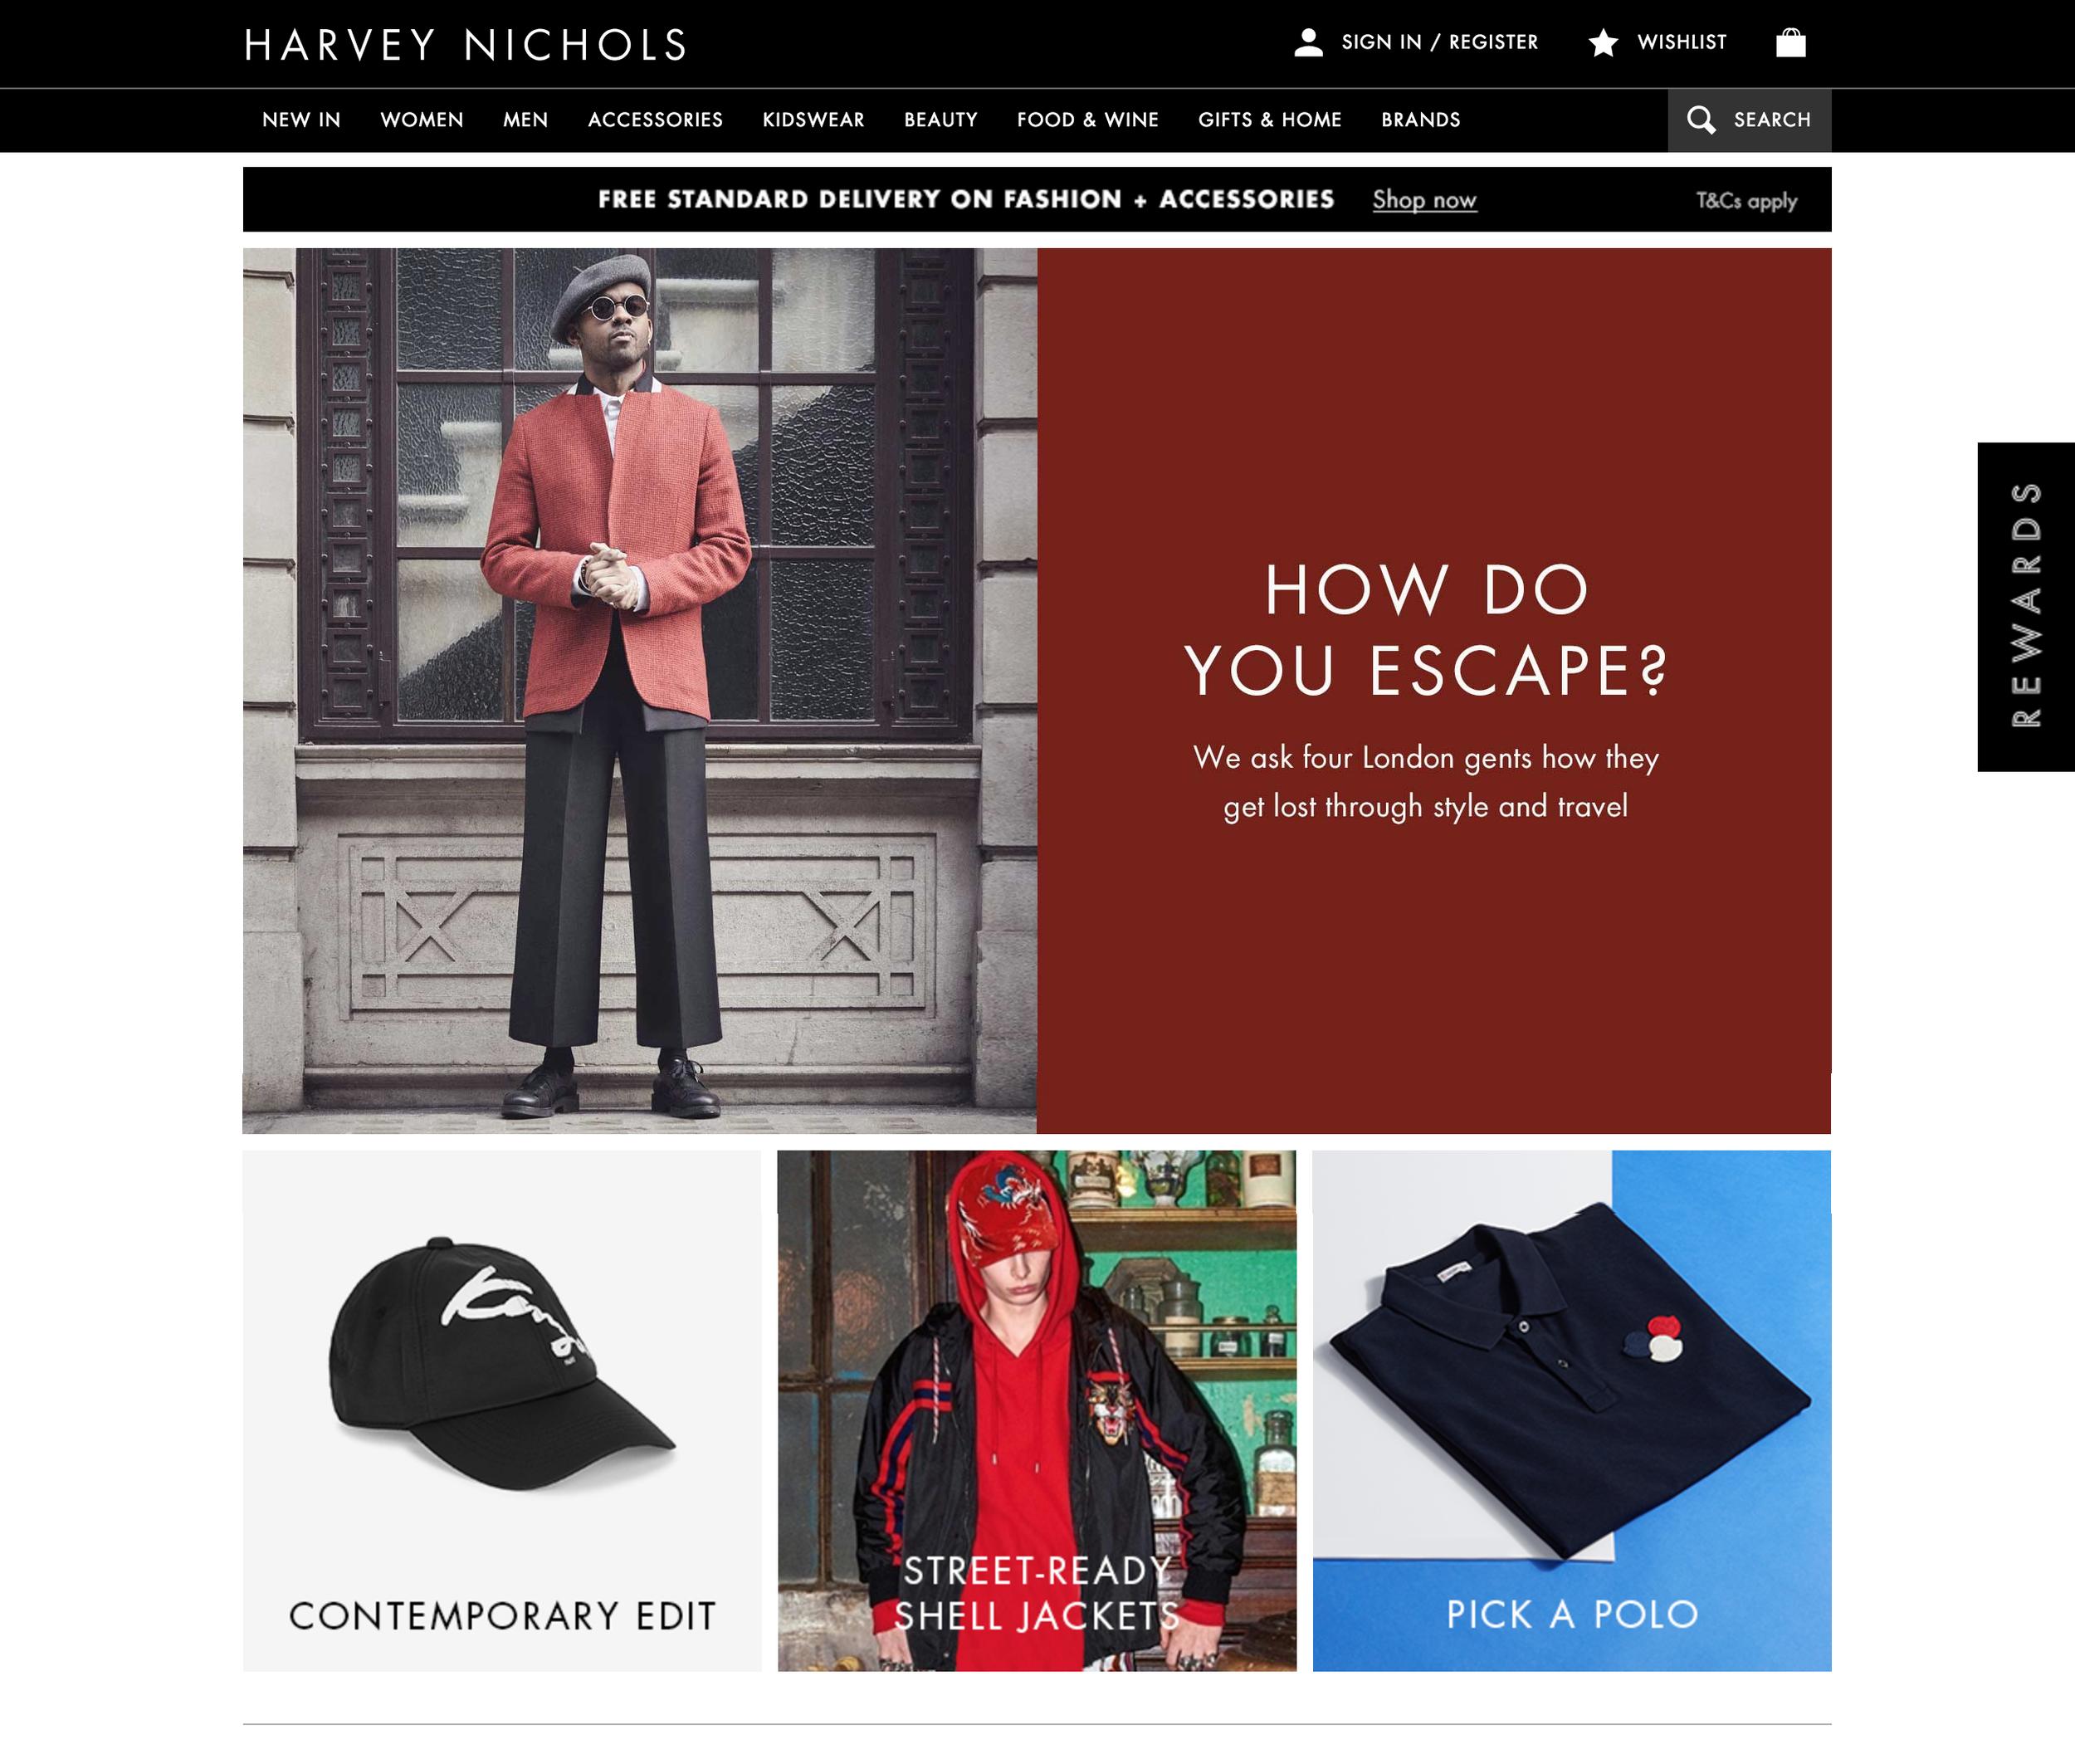 Harvey Nichols Escapism Feature